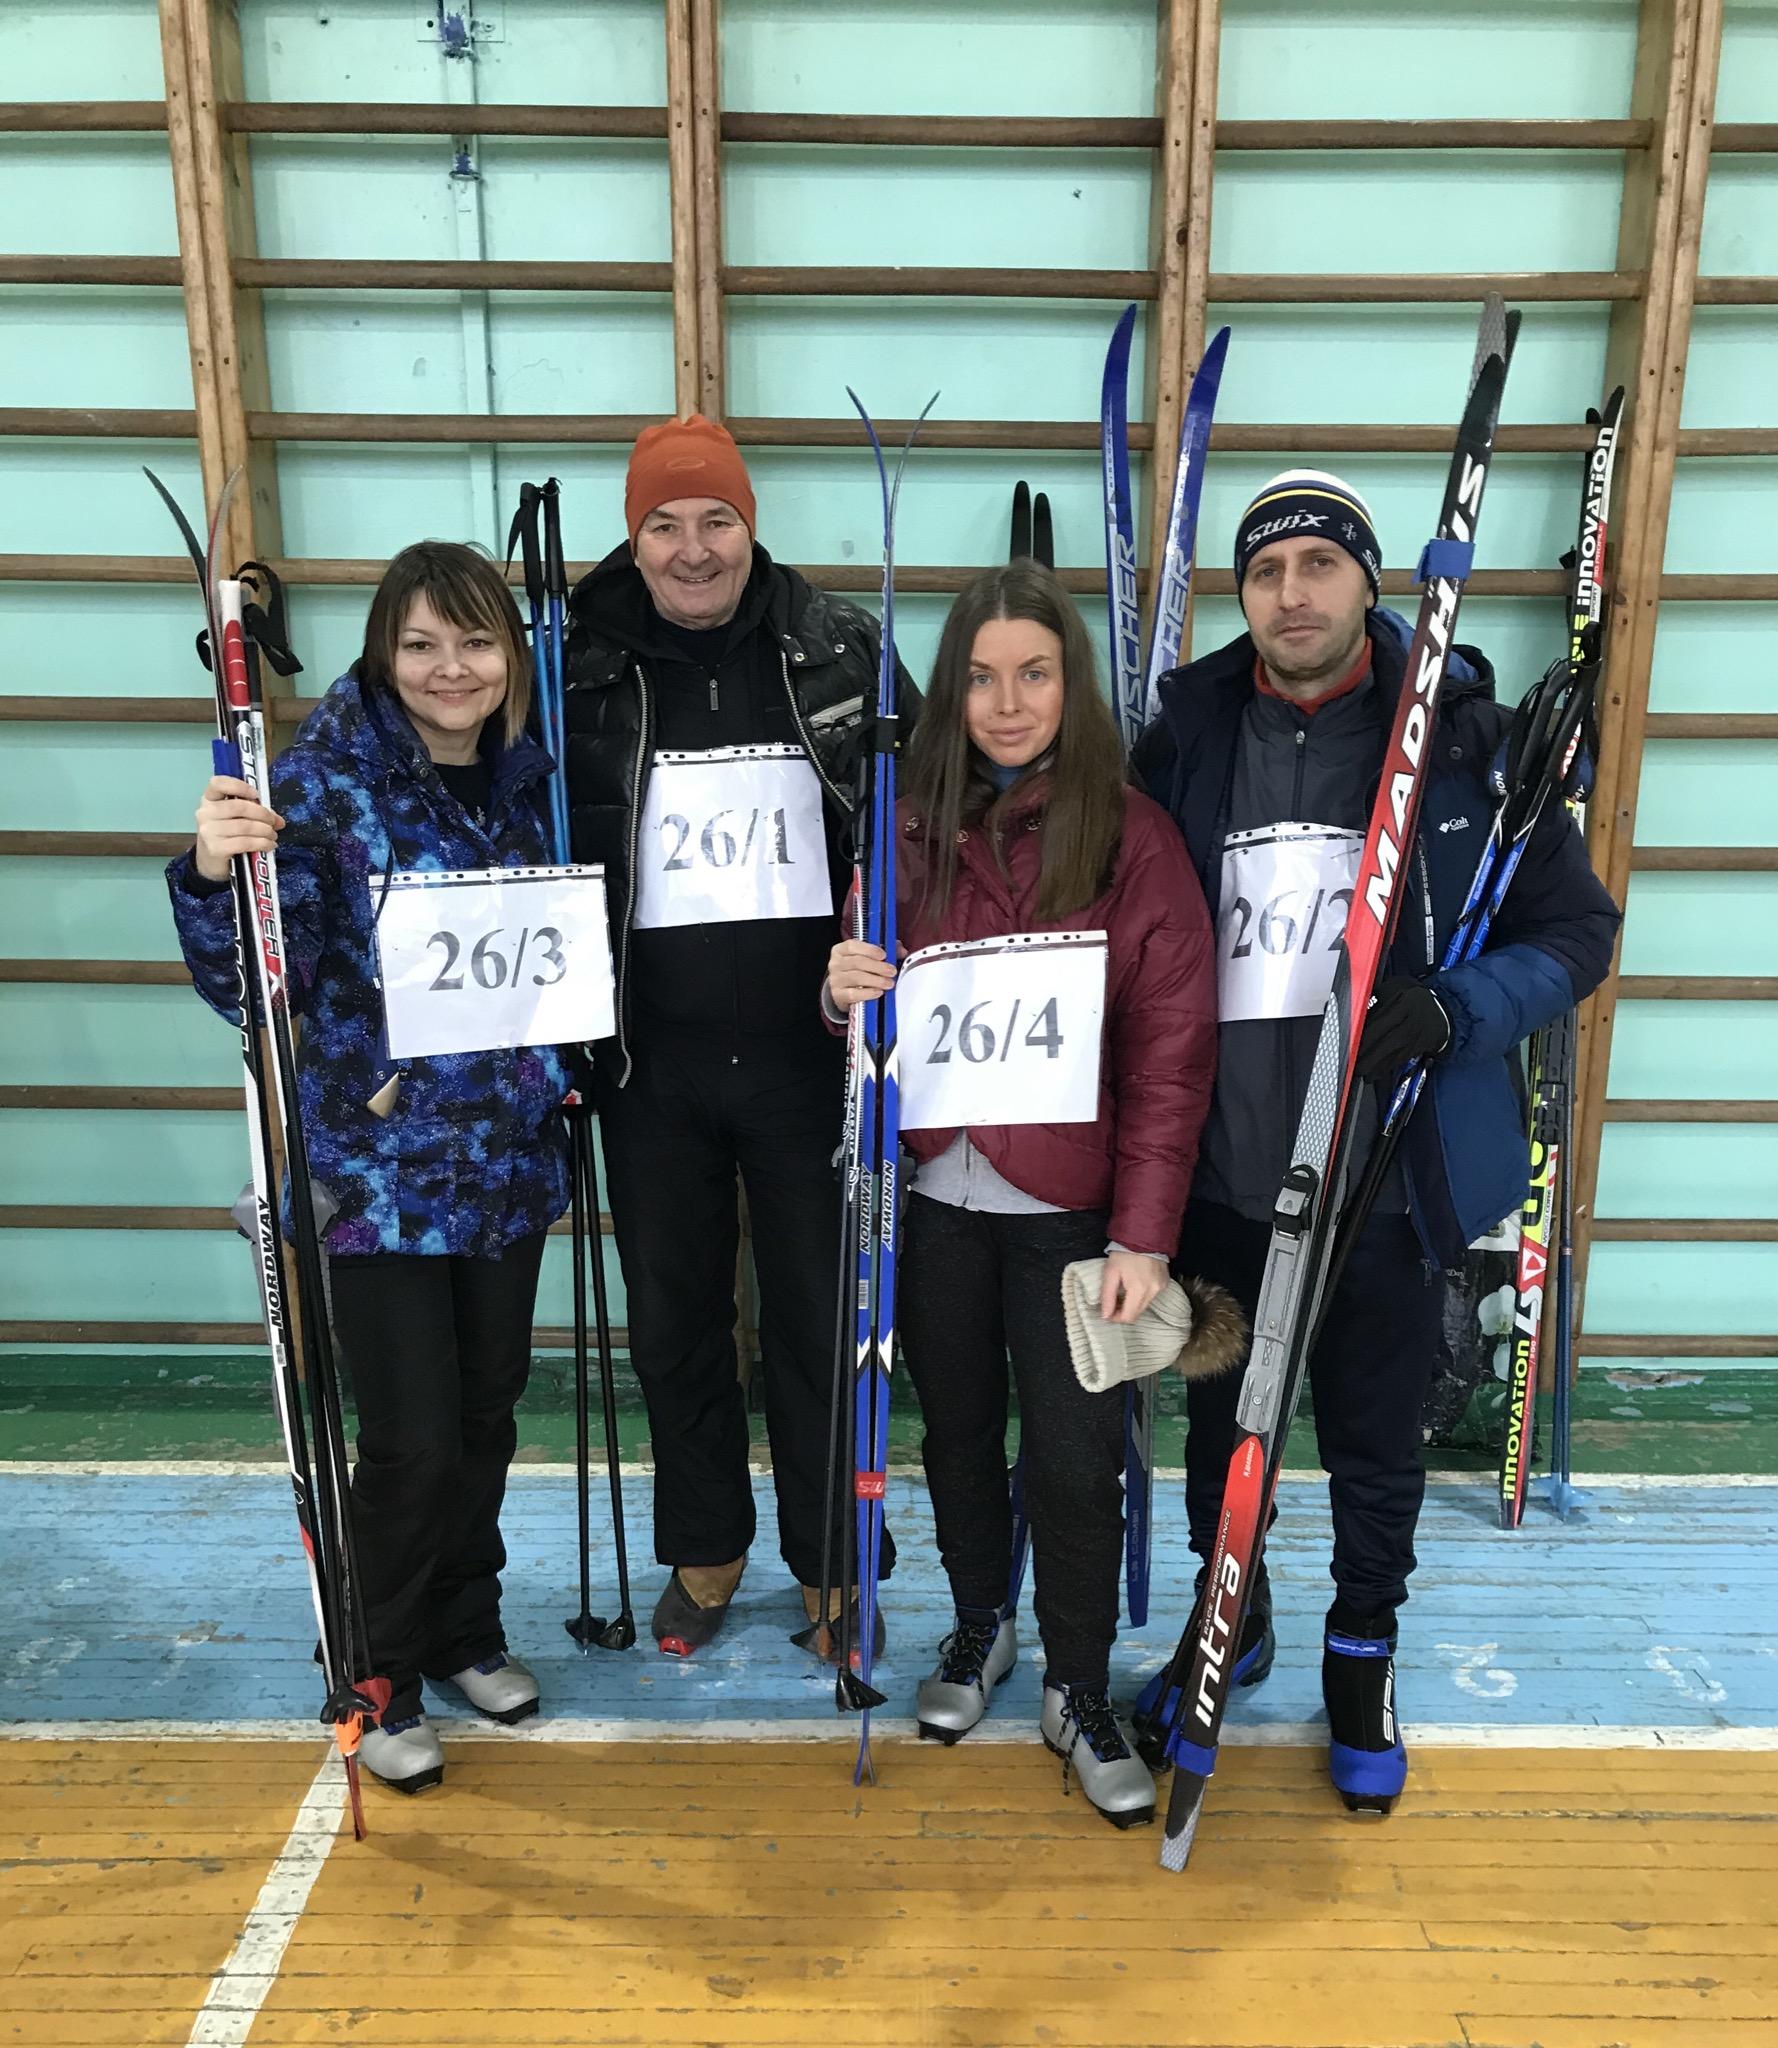 Окружные соревнования по лыжным гонкам